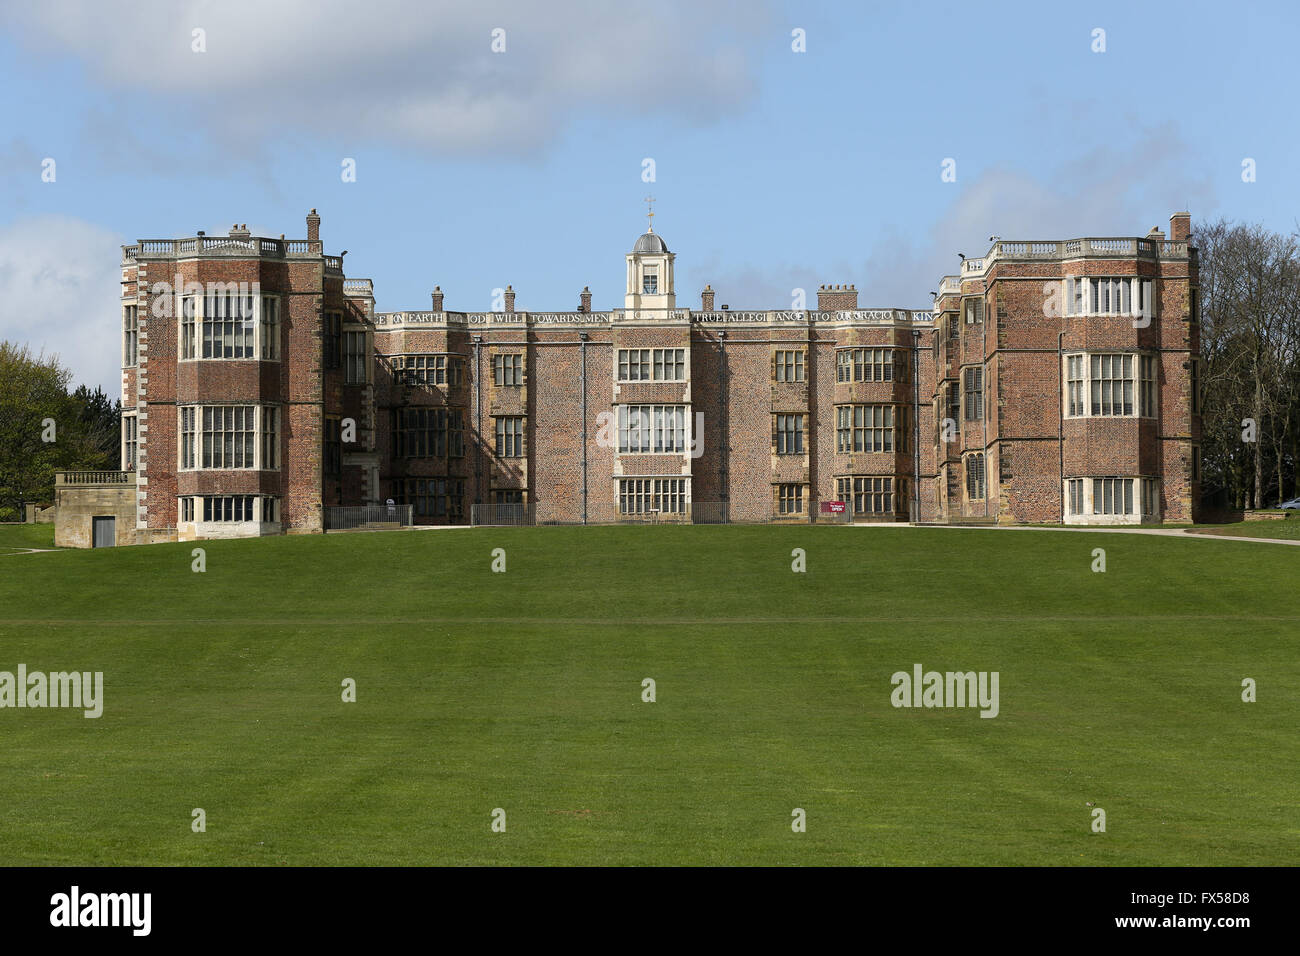 Temple Newsam house located just outside Leeds in West Yorkshire, UK.  Ian Hinchliffe / ianrichardhinchliffe.co.uk - Stock Image